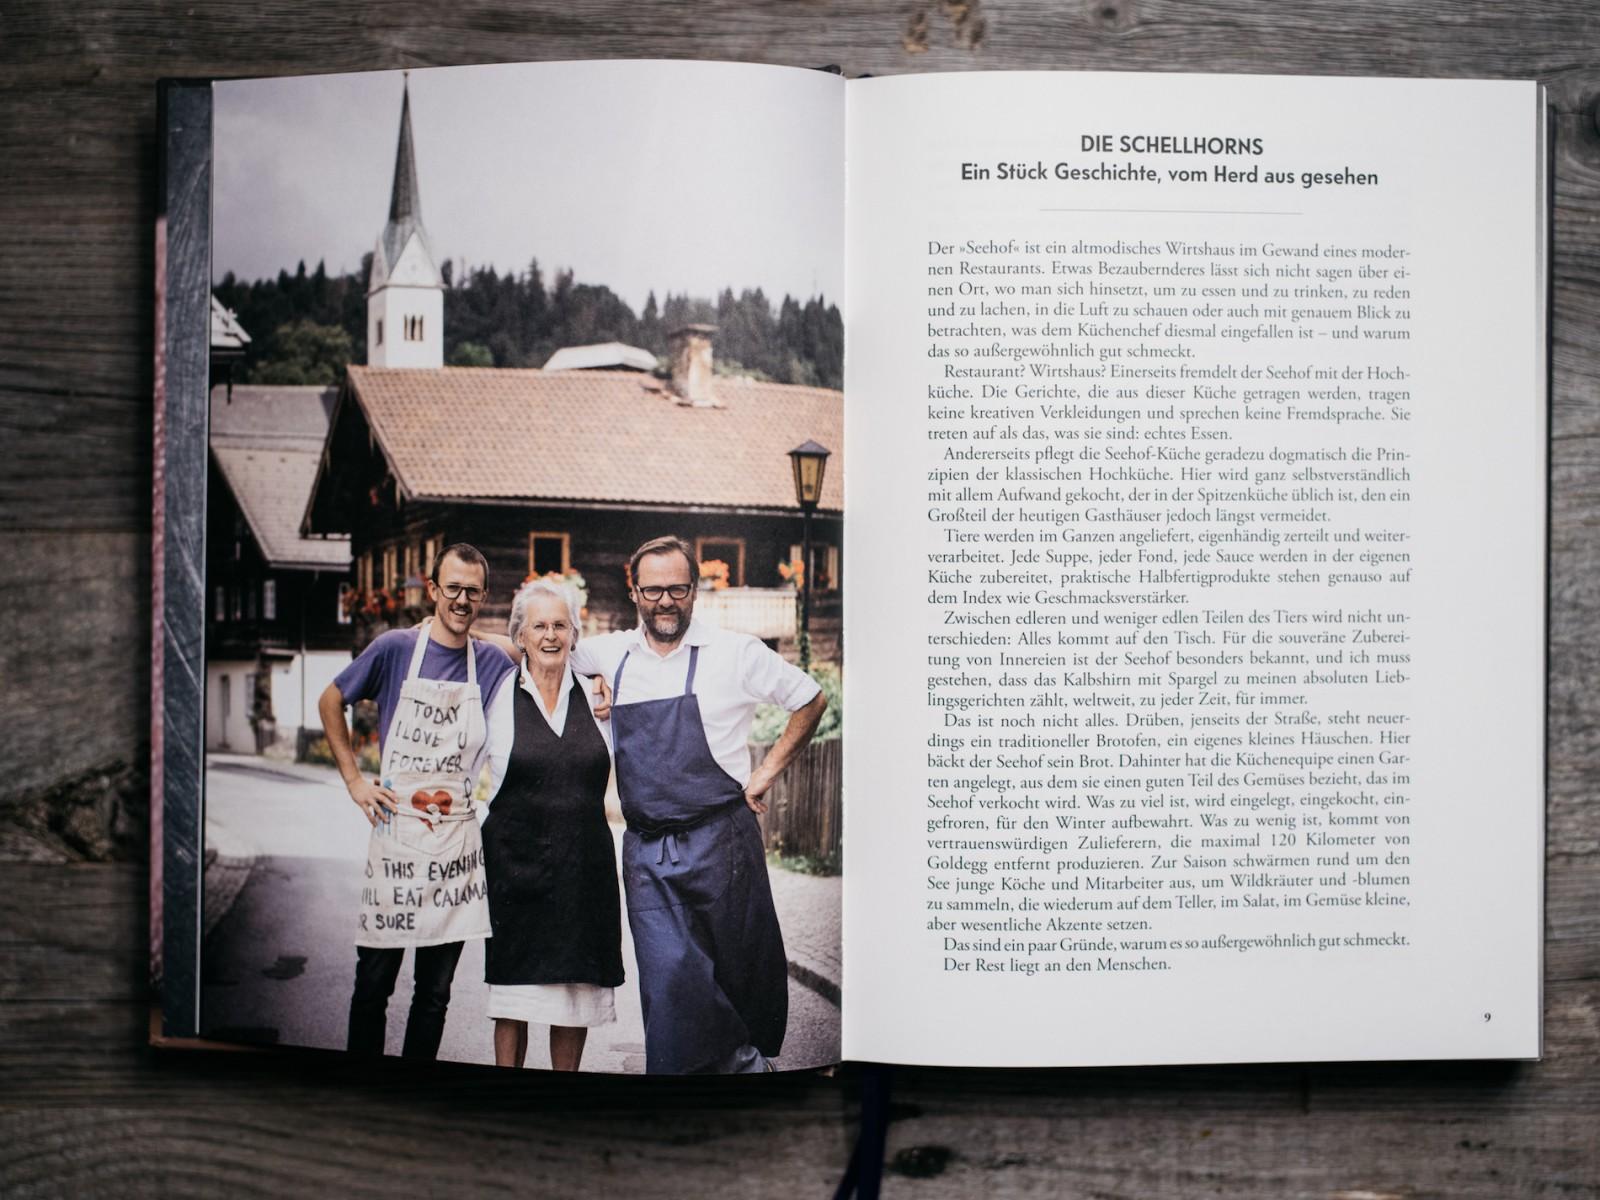 © Der Seehof, Felix, Karola und Sepp Schellhorn verbindet die Leidenschaft für gute Küche